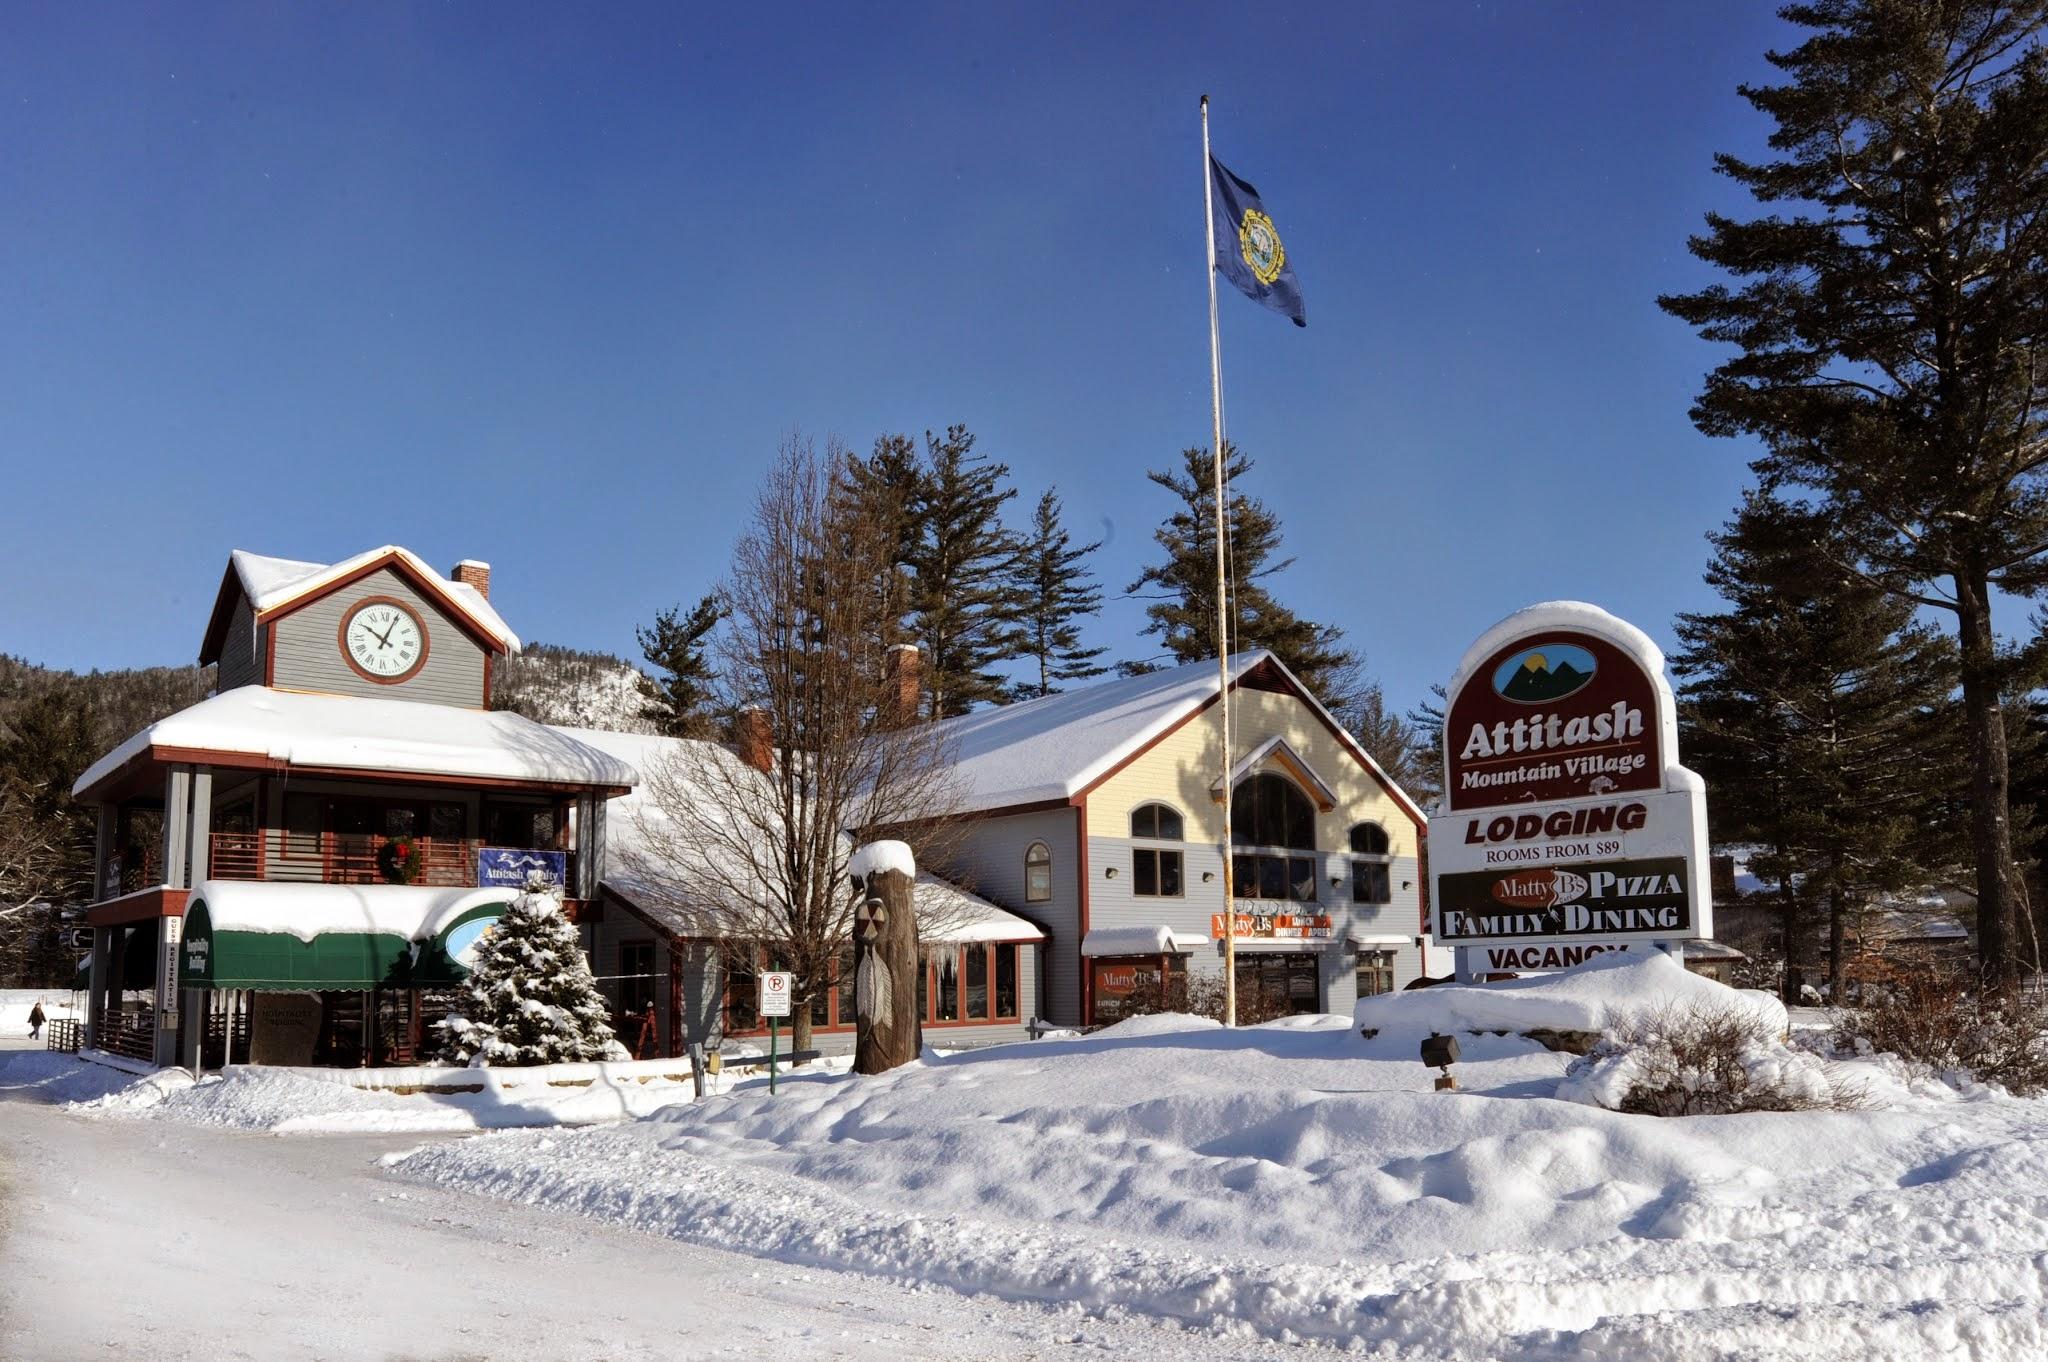 attitash mountain village - google+